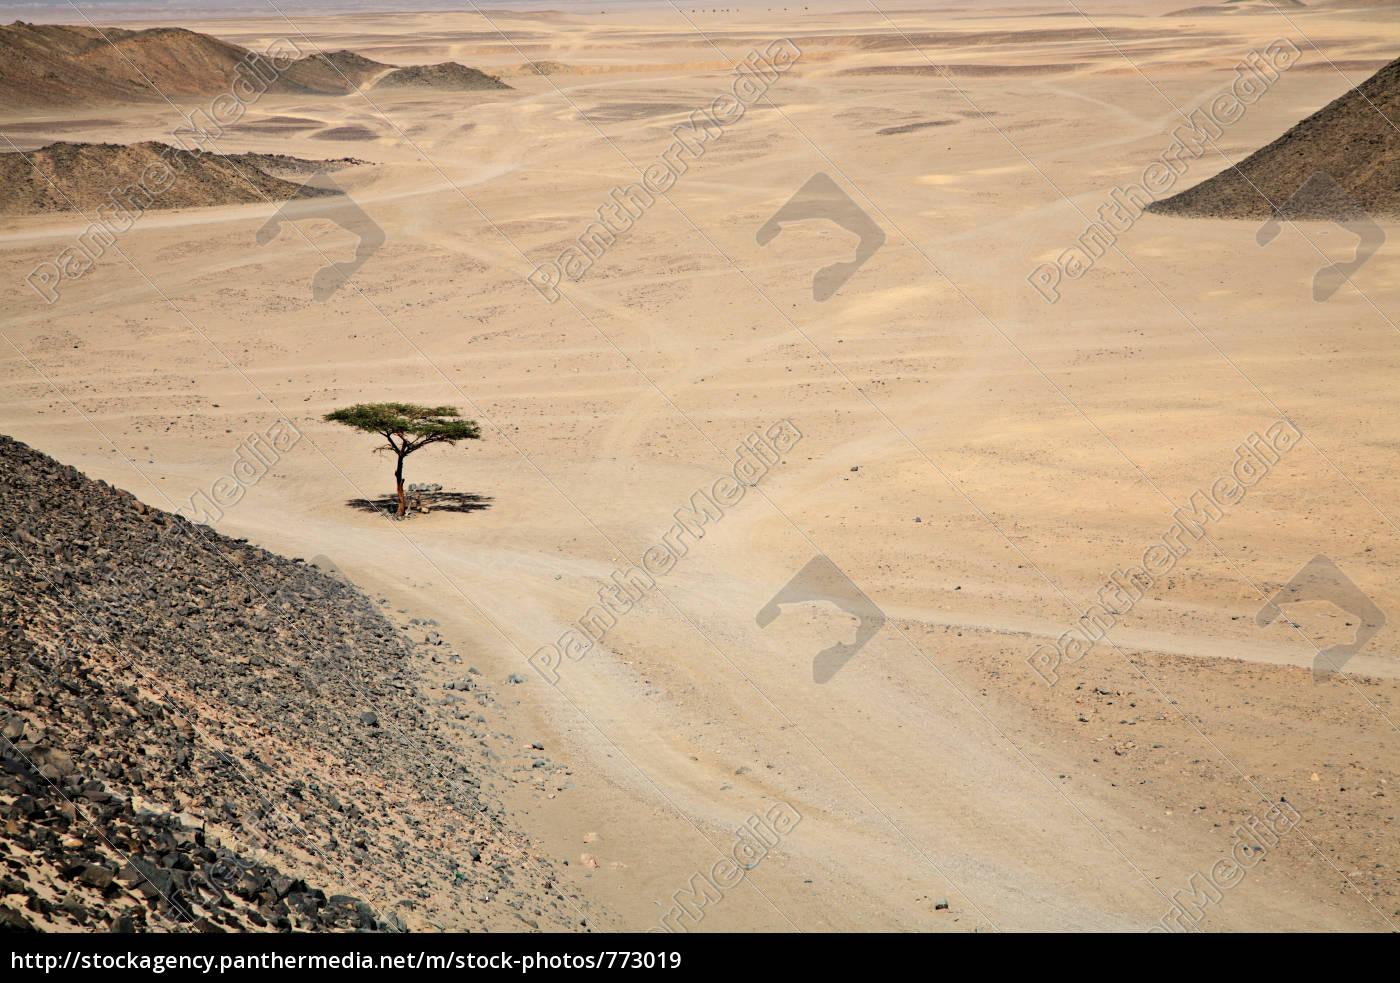 the, living, desert. - 773019